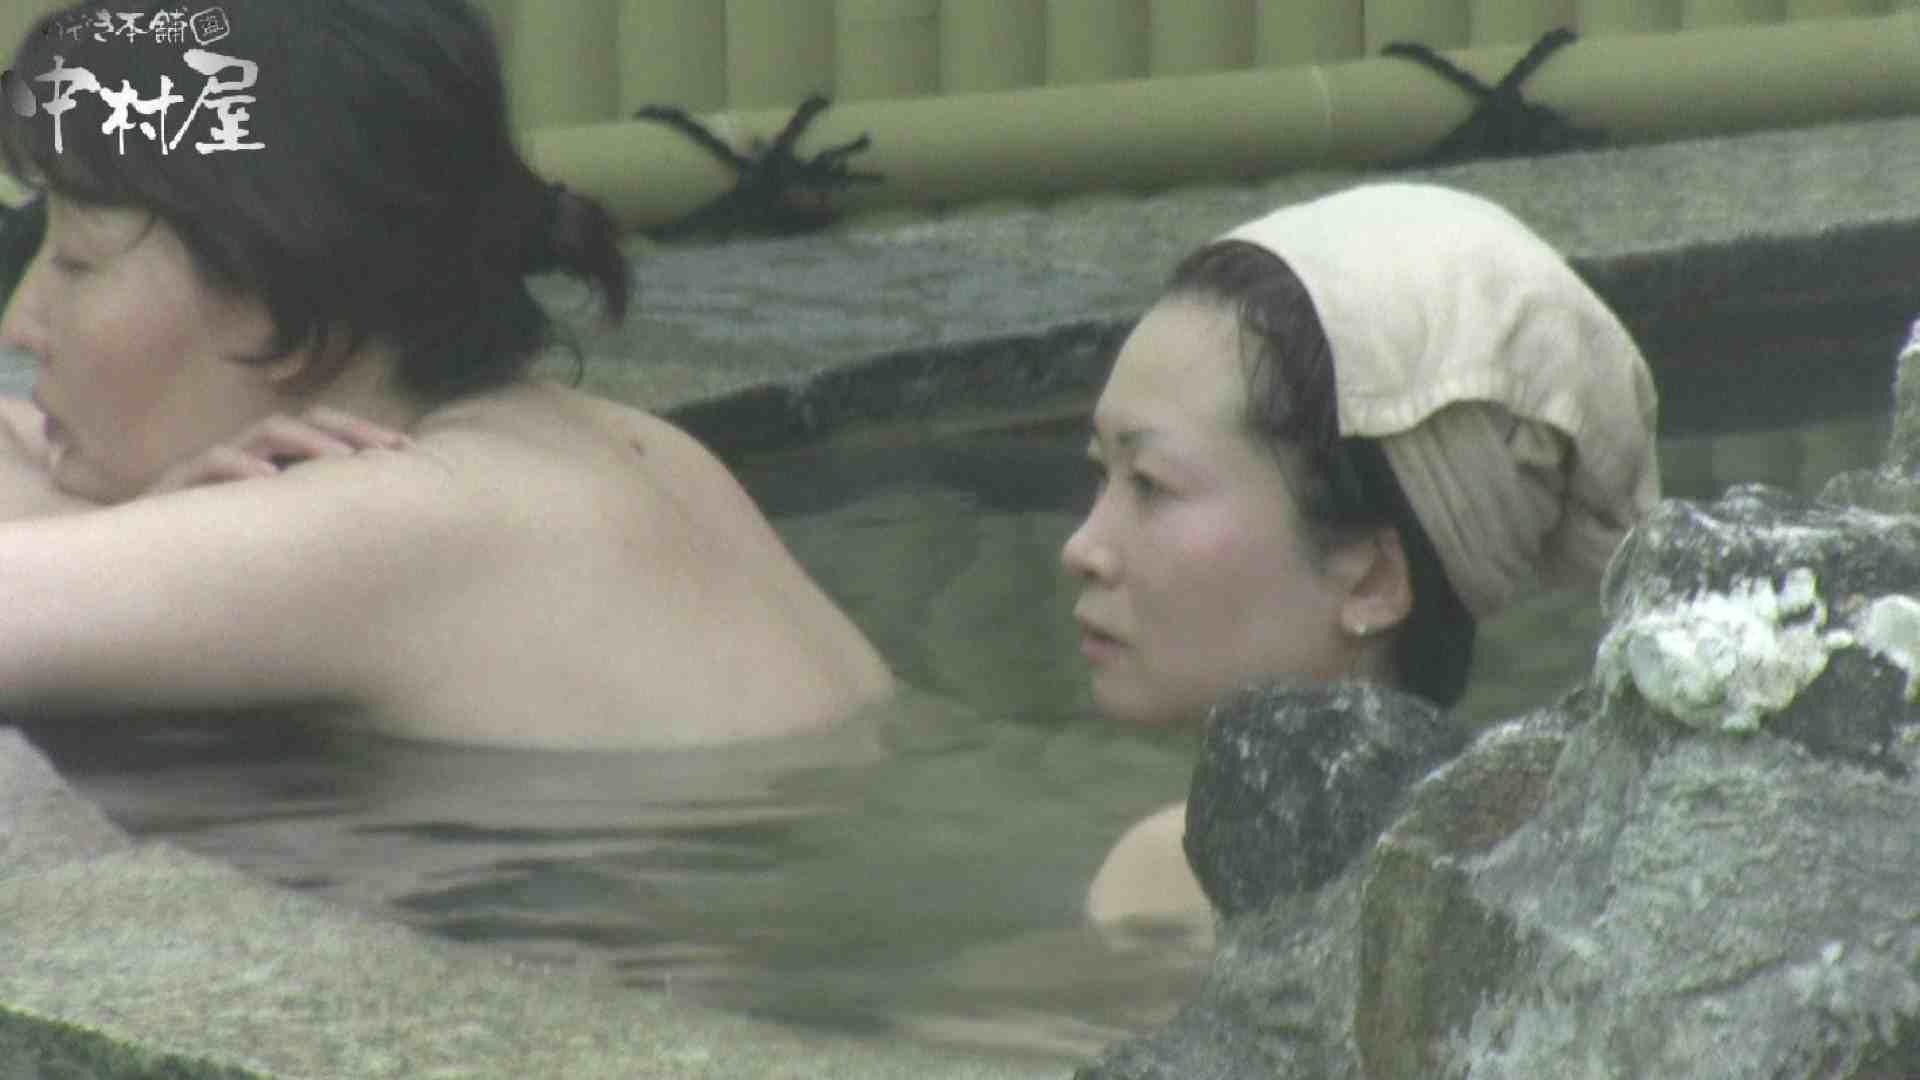 Aquaな露天風呂Vol.906 盗撮 | 露天  92画像 79